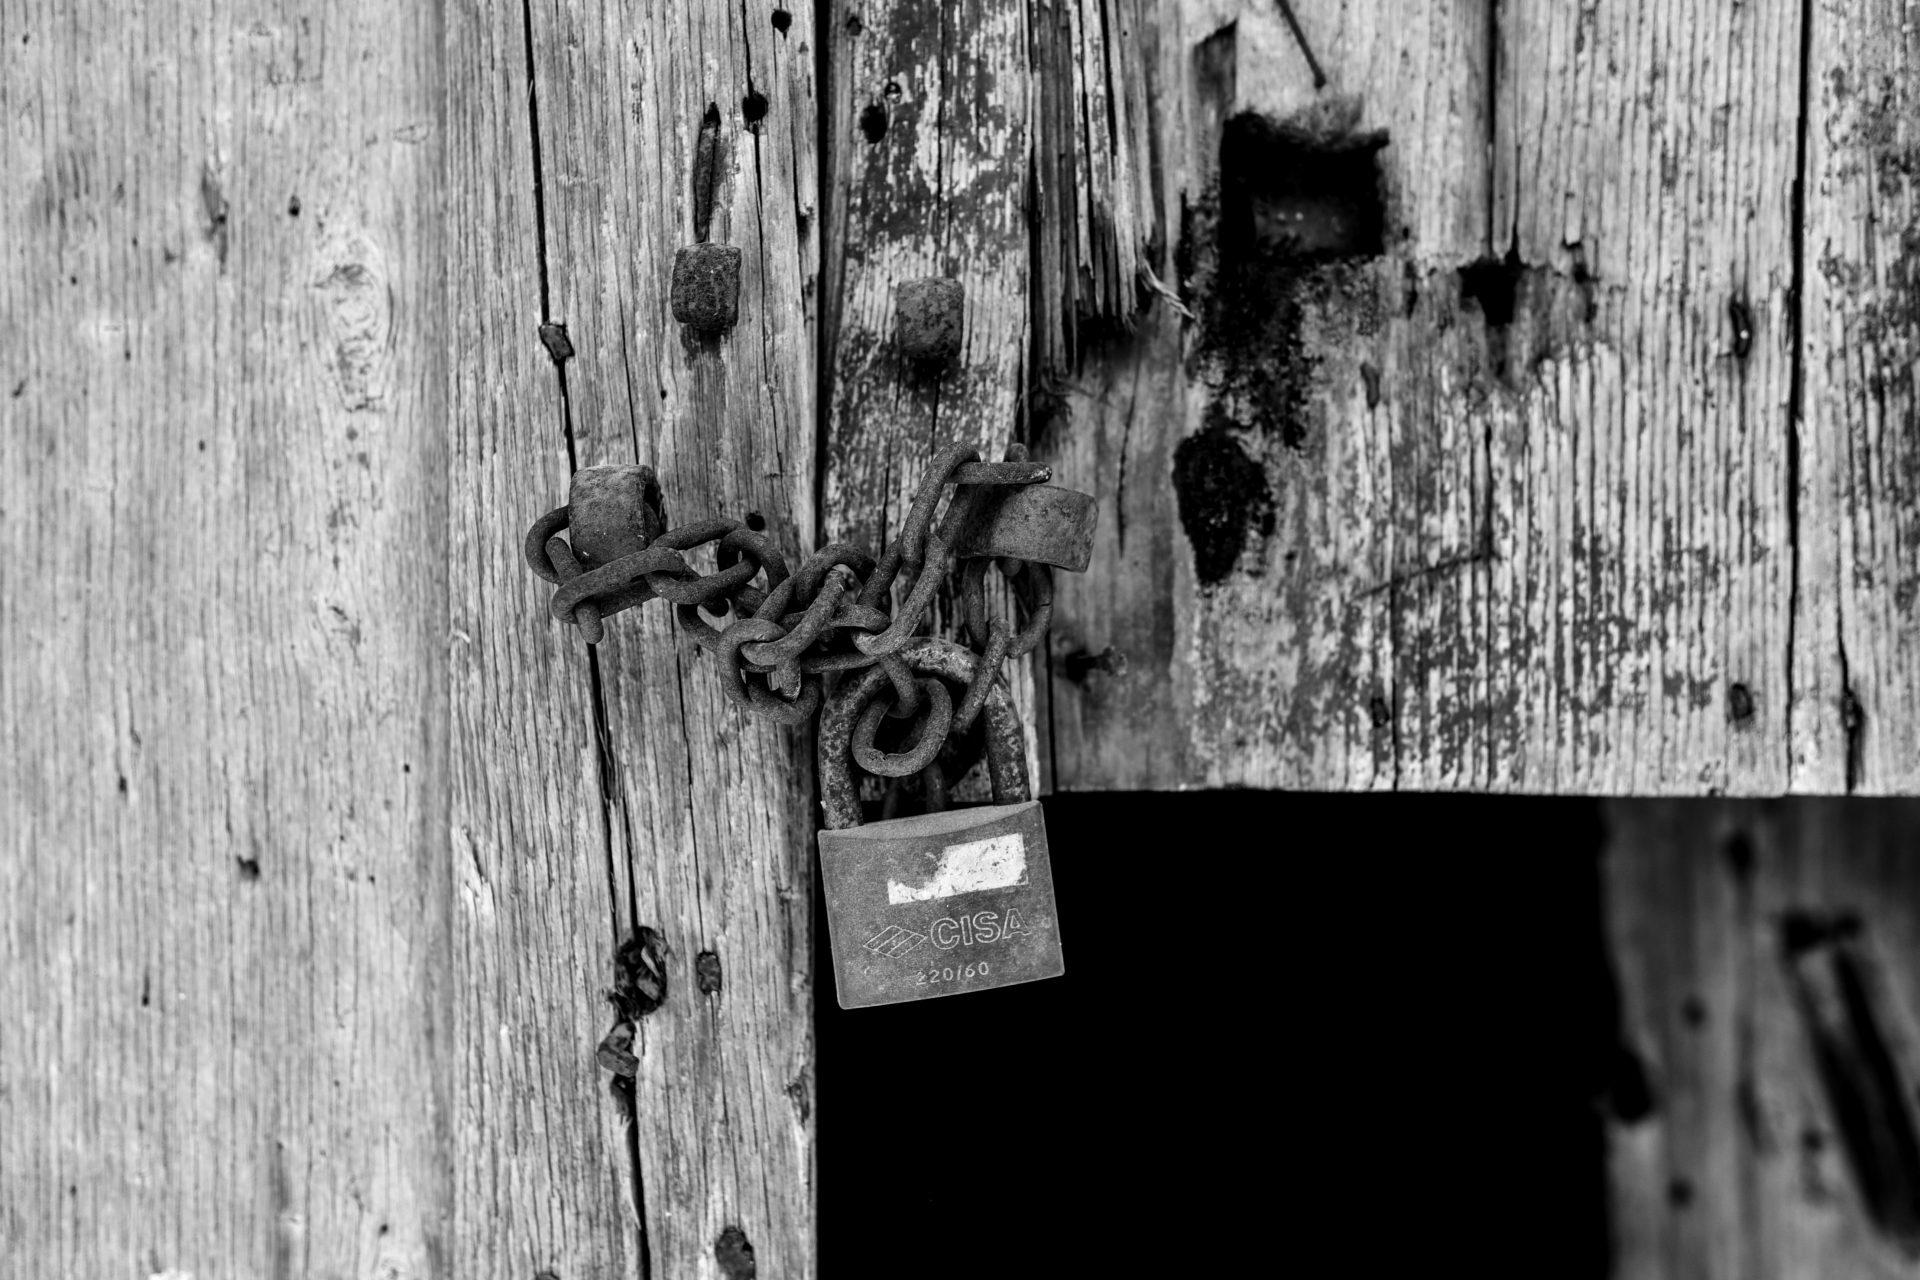 fotografia stralcio di un quartiere abbandonato - Centro Storico Rossano